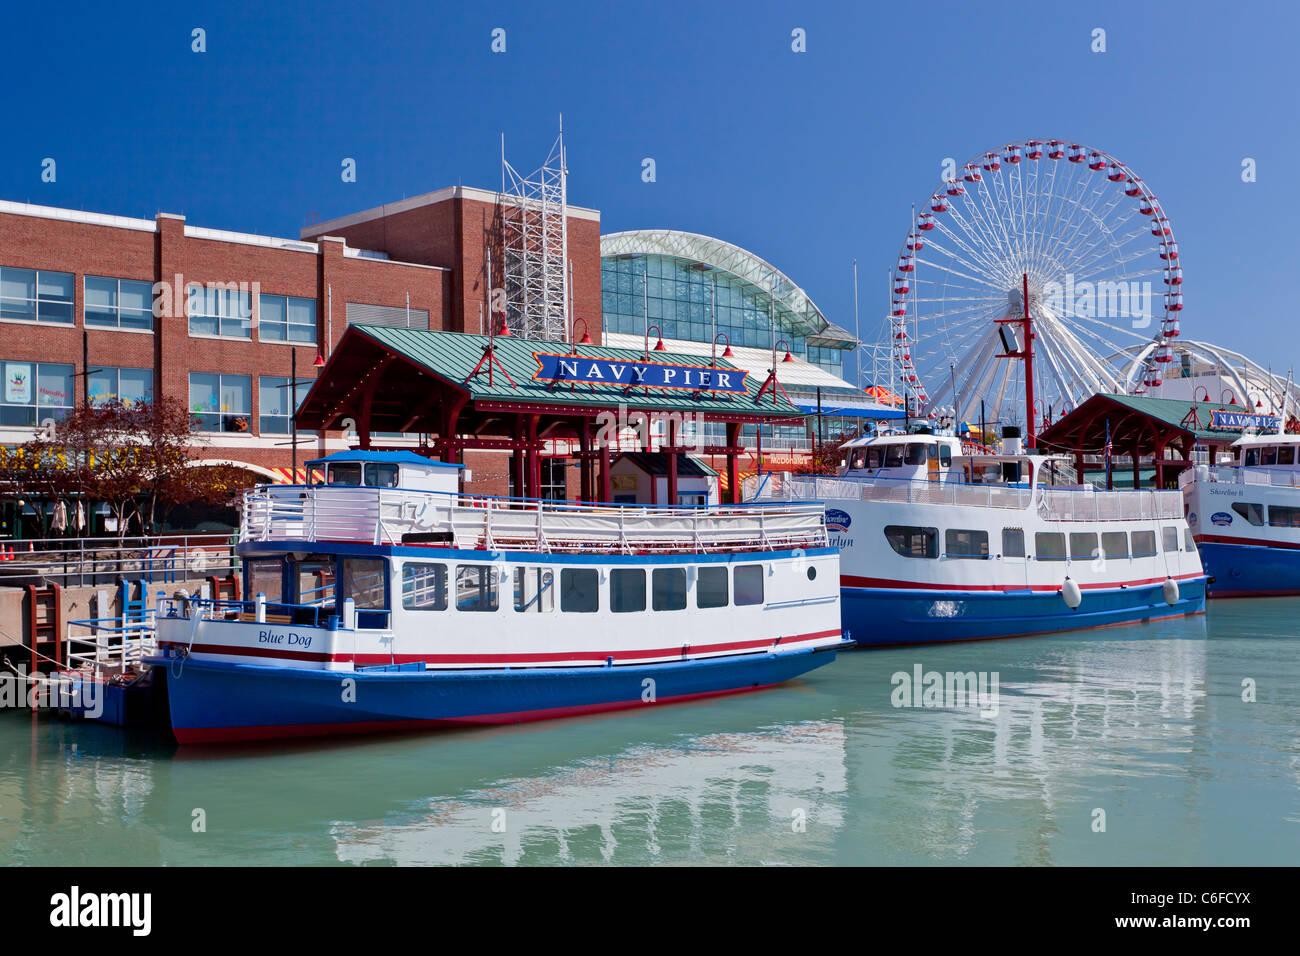 Tour imbarcazioni presso il Navy Pier di Chicago, Illinois, Stati Uniti d'America. Immagini Stock